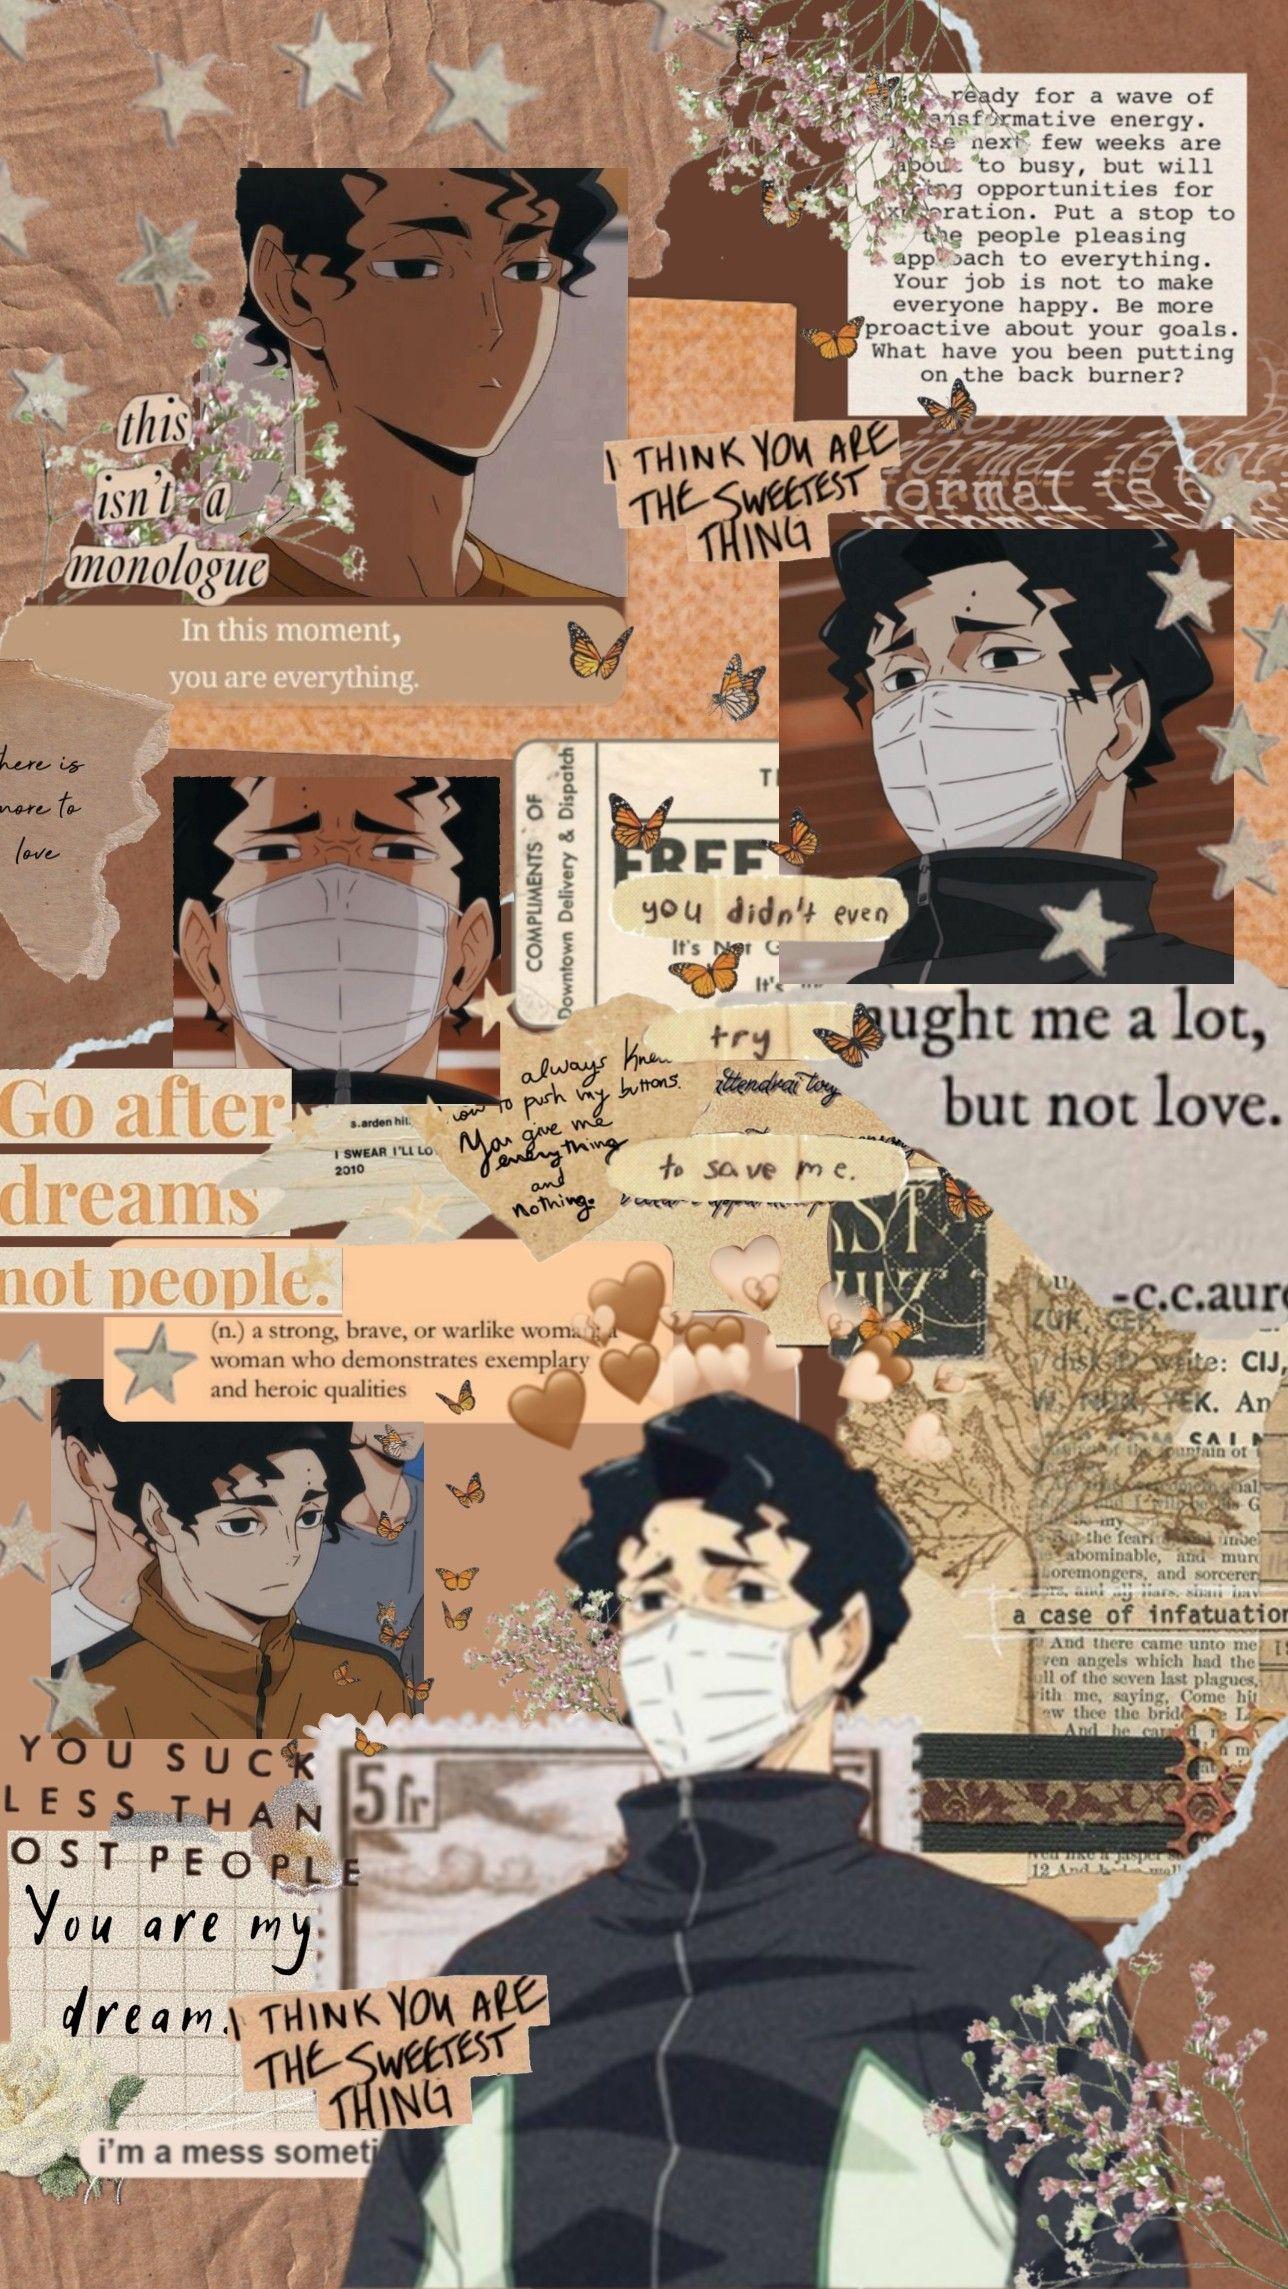 Haikyuu Haikyuuedit Anime Sakusakiyoomi Aesthetic Aestheticedit Beigeaesthetic Freetoedit Anime Wallpaper Phone Anime Wallpaper Iphone Haikyuu Anime